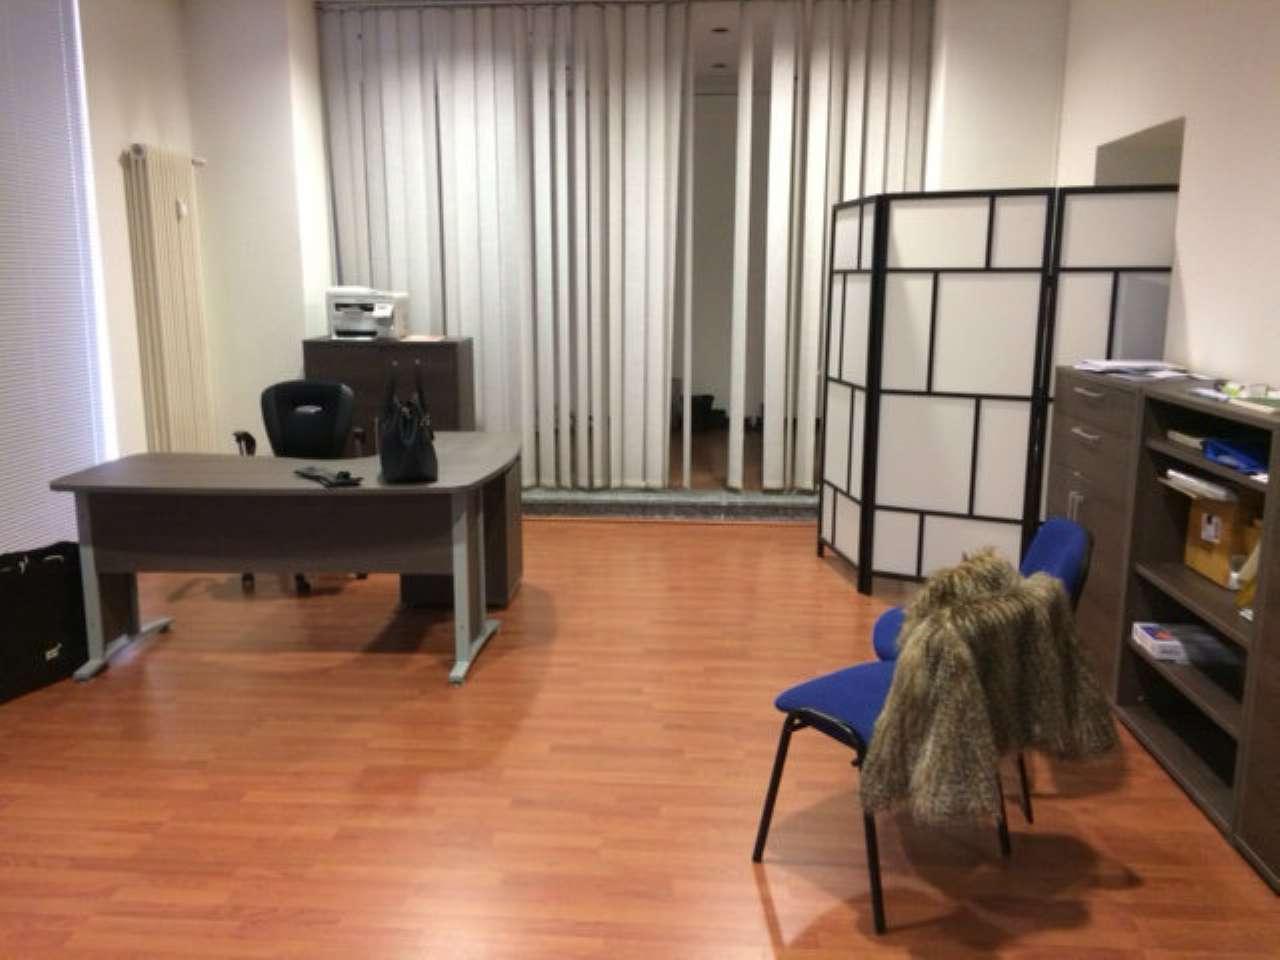 Negozio / Locale in affitto a Varese, 2 locali, prezzo € 1.500 | Cambio Casa.it